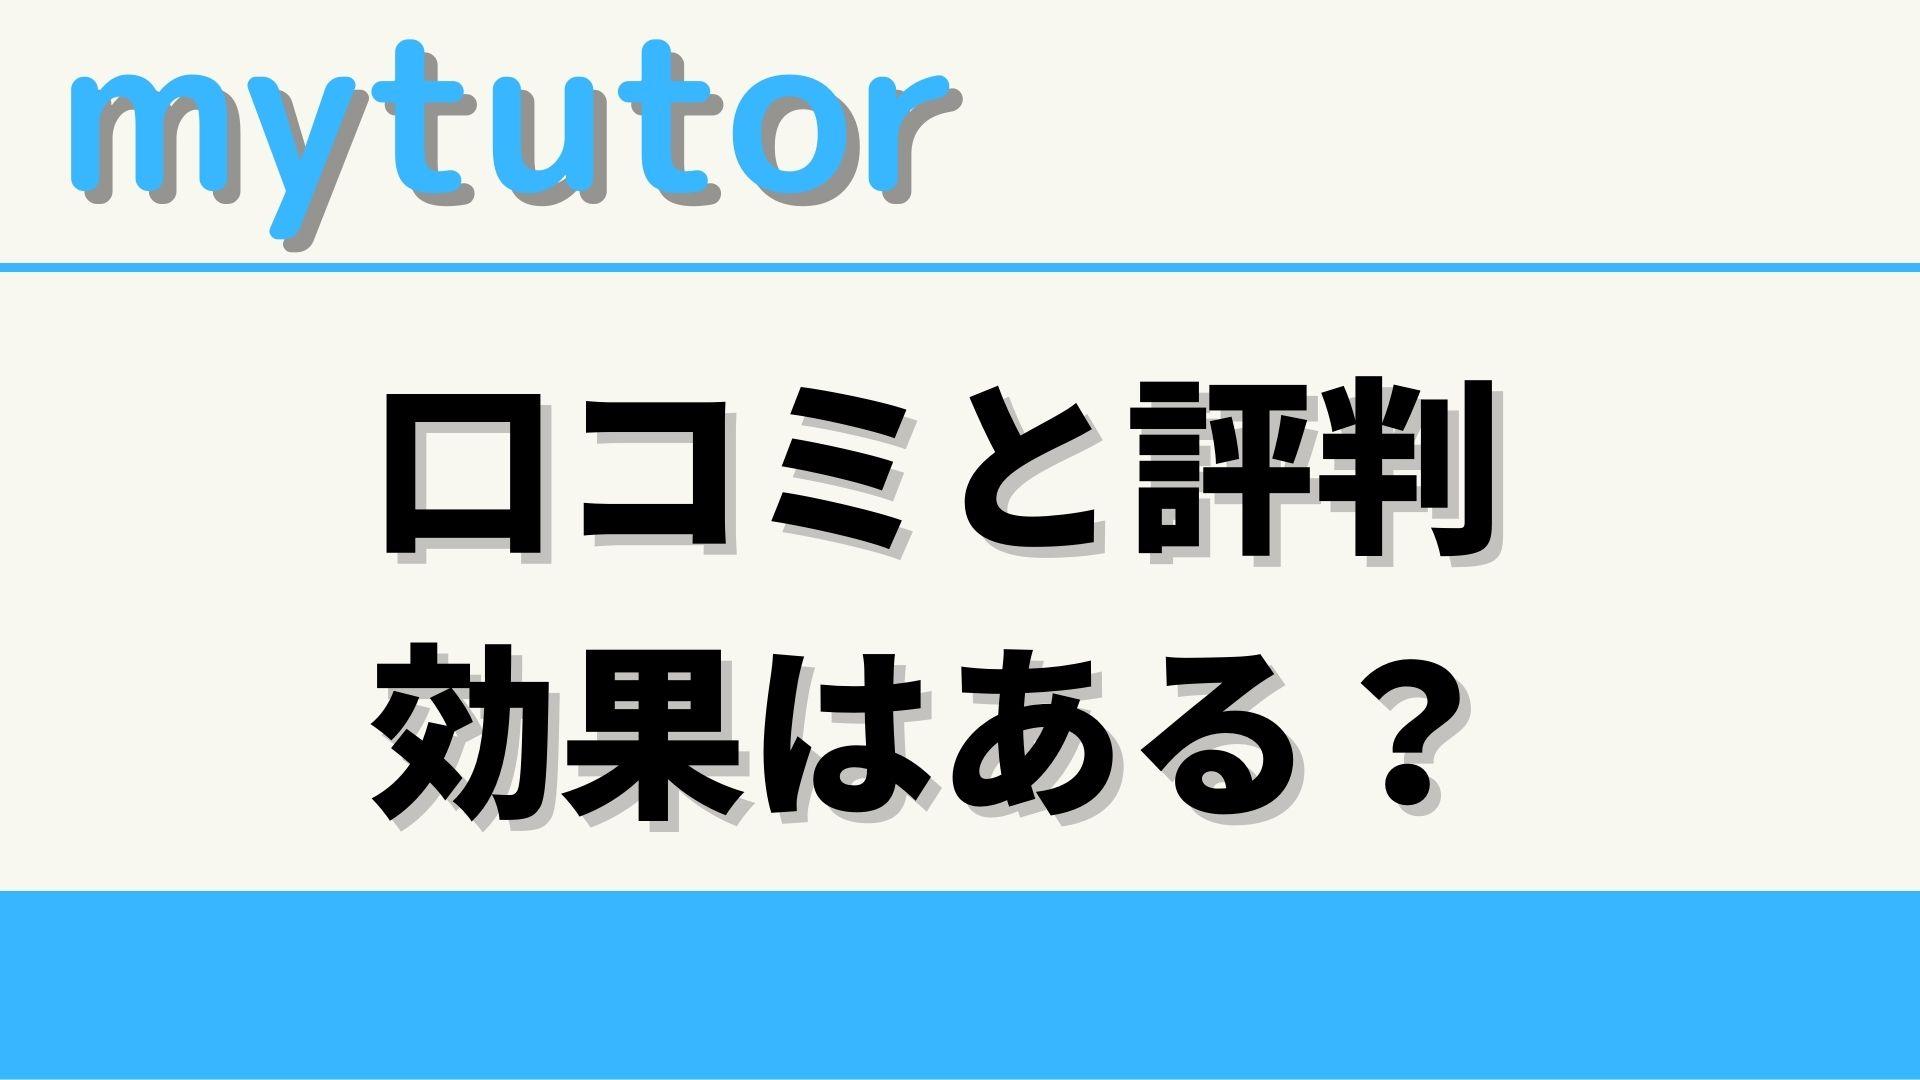 mytutorの評判・口コミまとめ!mytutorの効果をTOEICフルスコアラーが分析